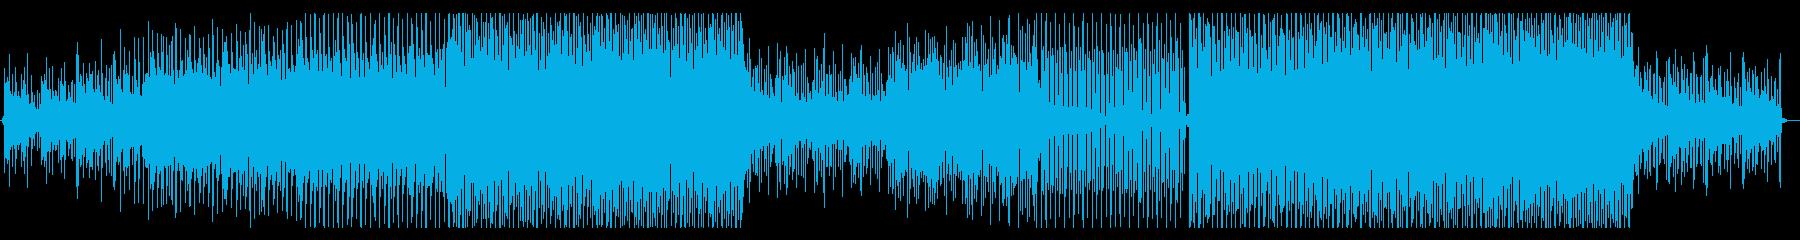 オシャレ・都会的・ディープハウスの再生済みの波形